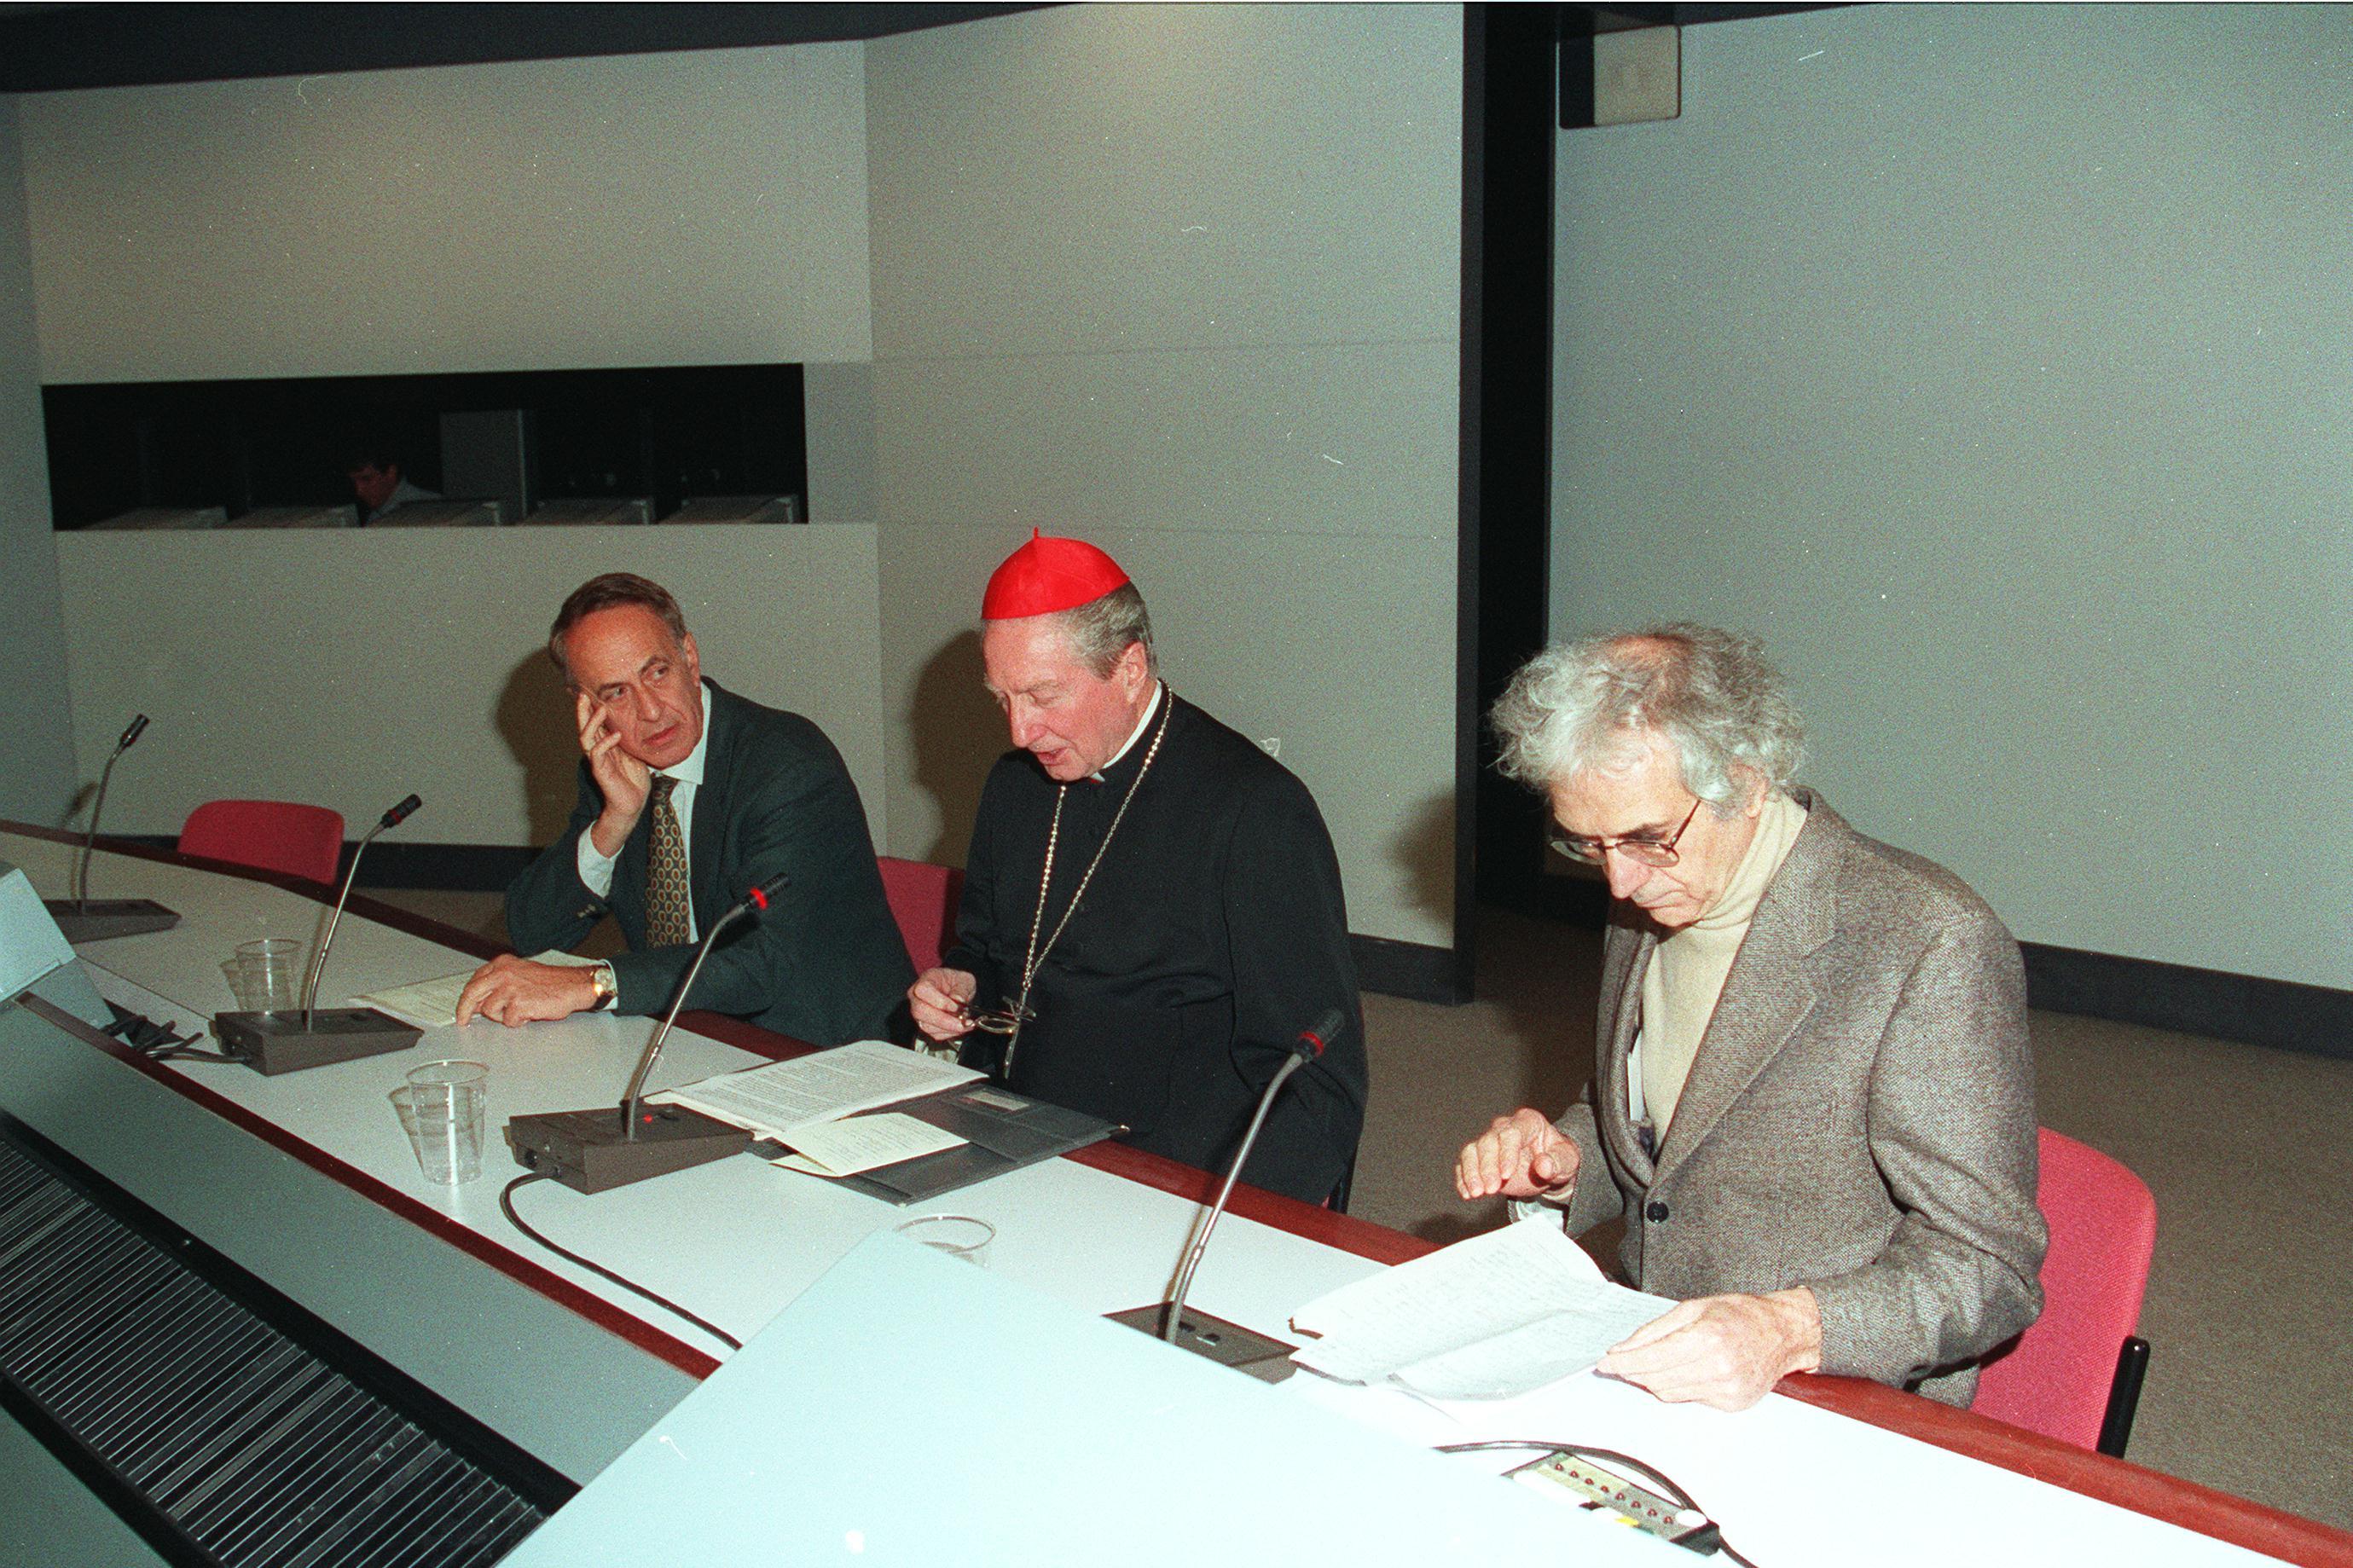 1998, X edizione: alla destra del Cardinale Alberto Oliverio, alla sua sinistra Giuliano Avanzini